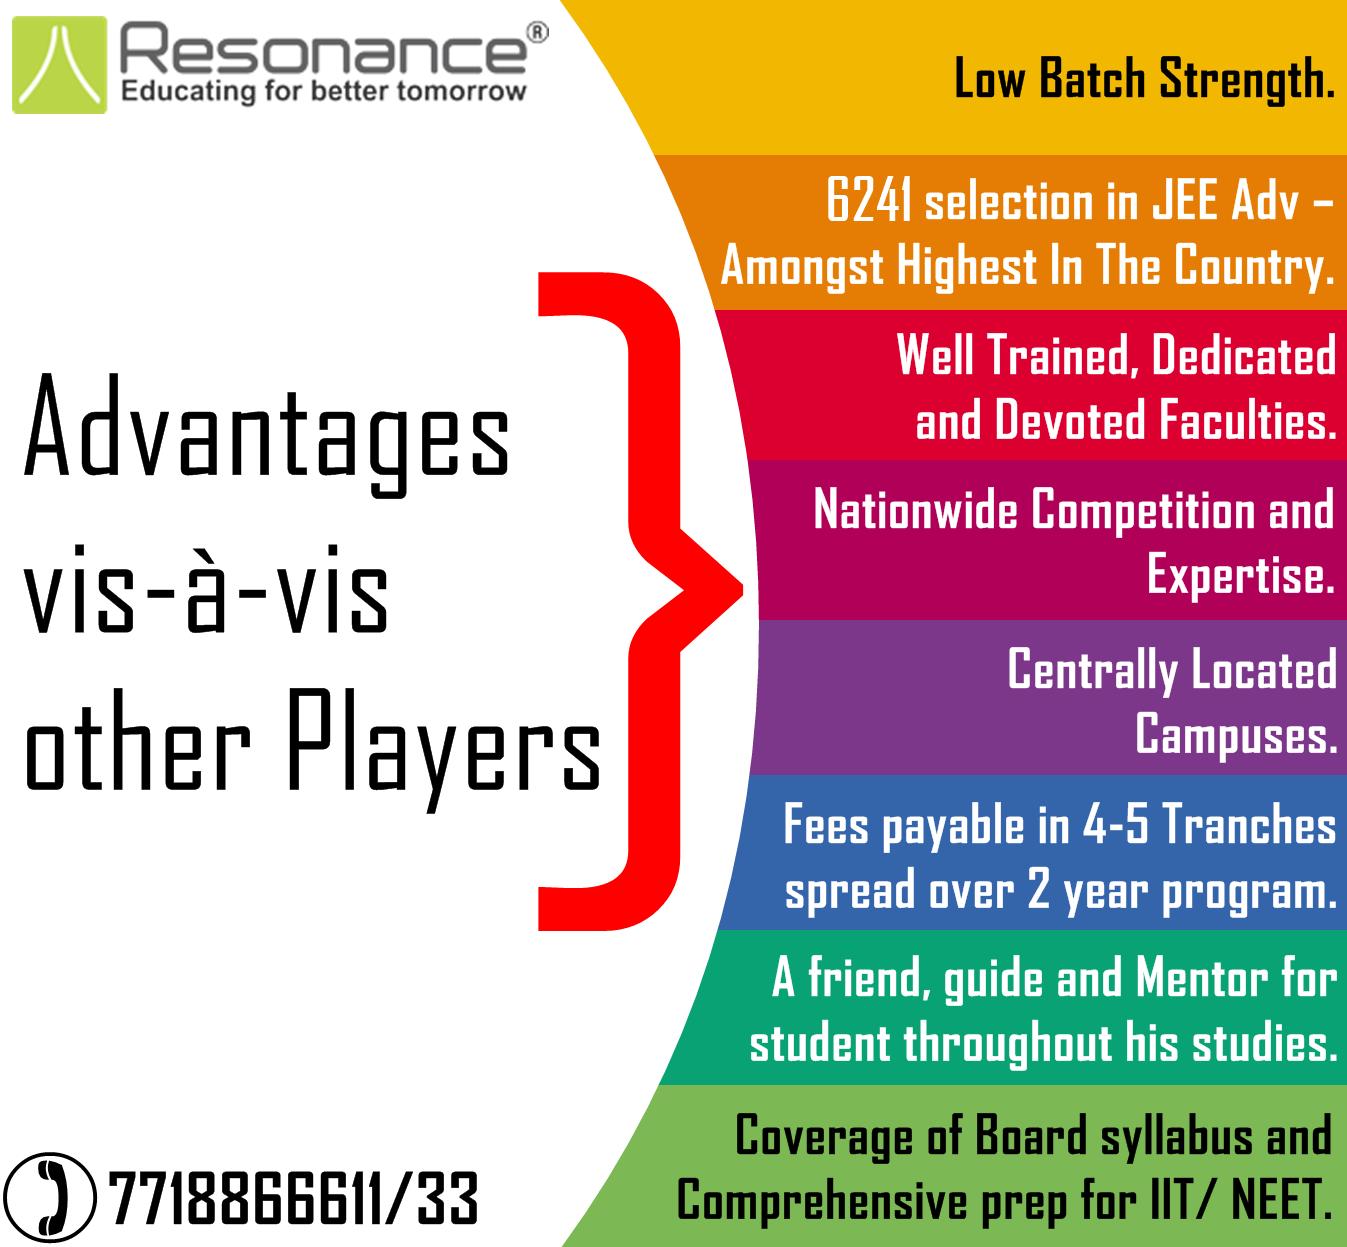 Why Resonance...